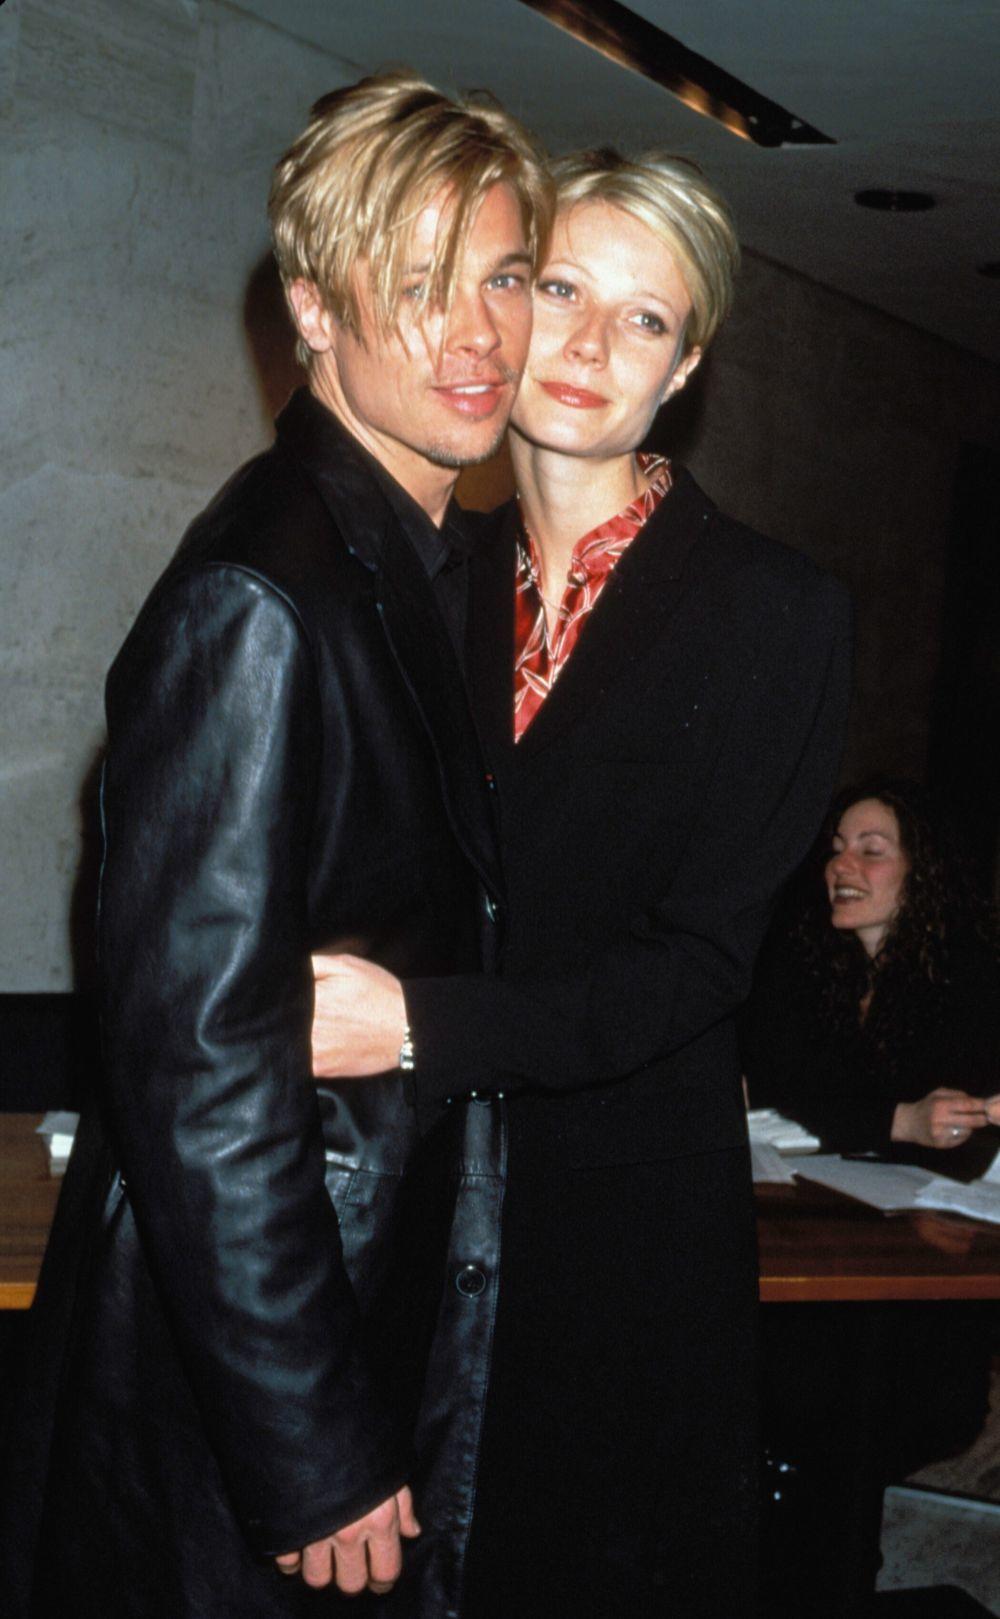 Brad Pitt e incluso Gwyneth Paltrow llevaron este mismo pixie XL en los años 90.